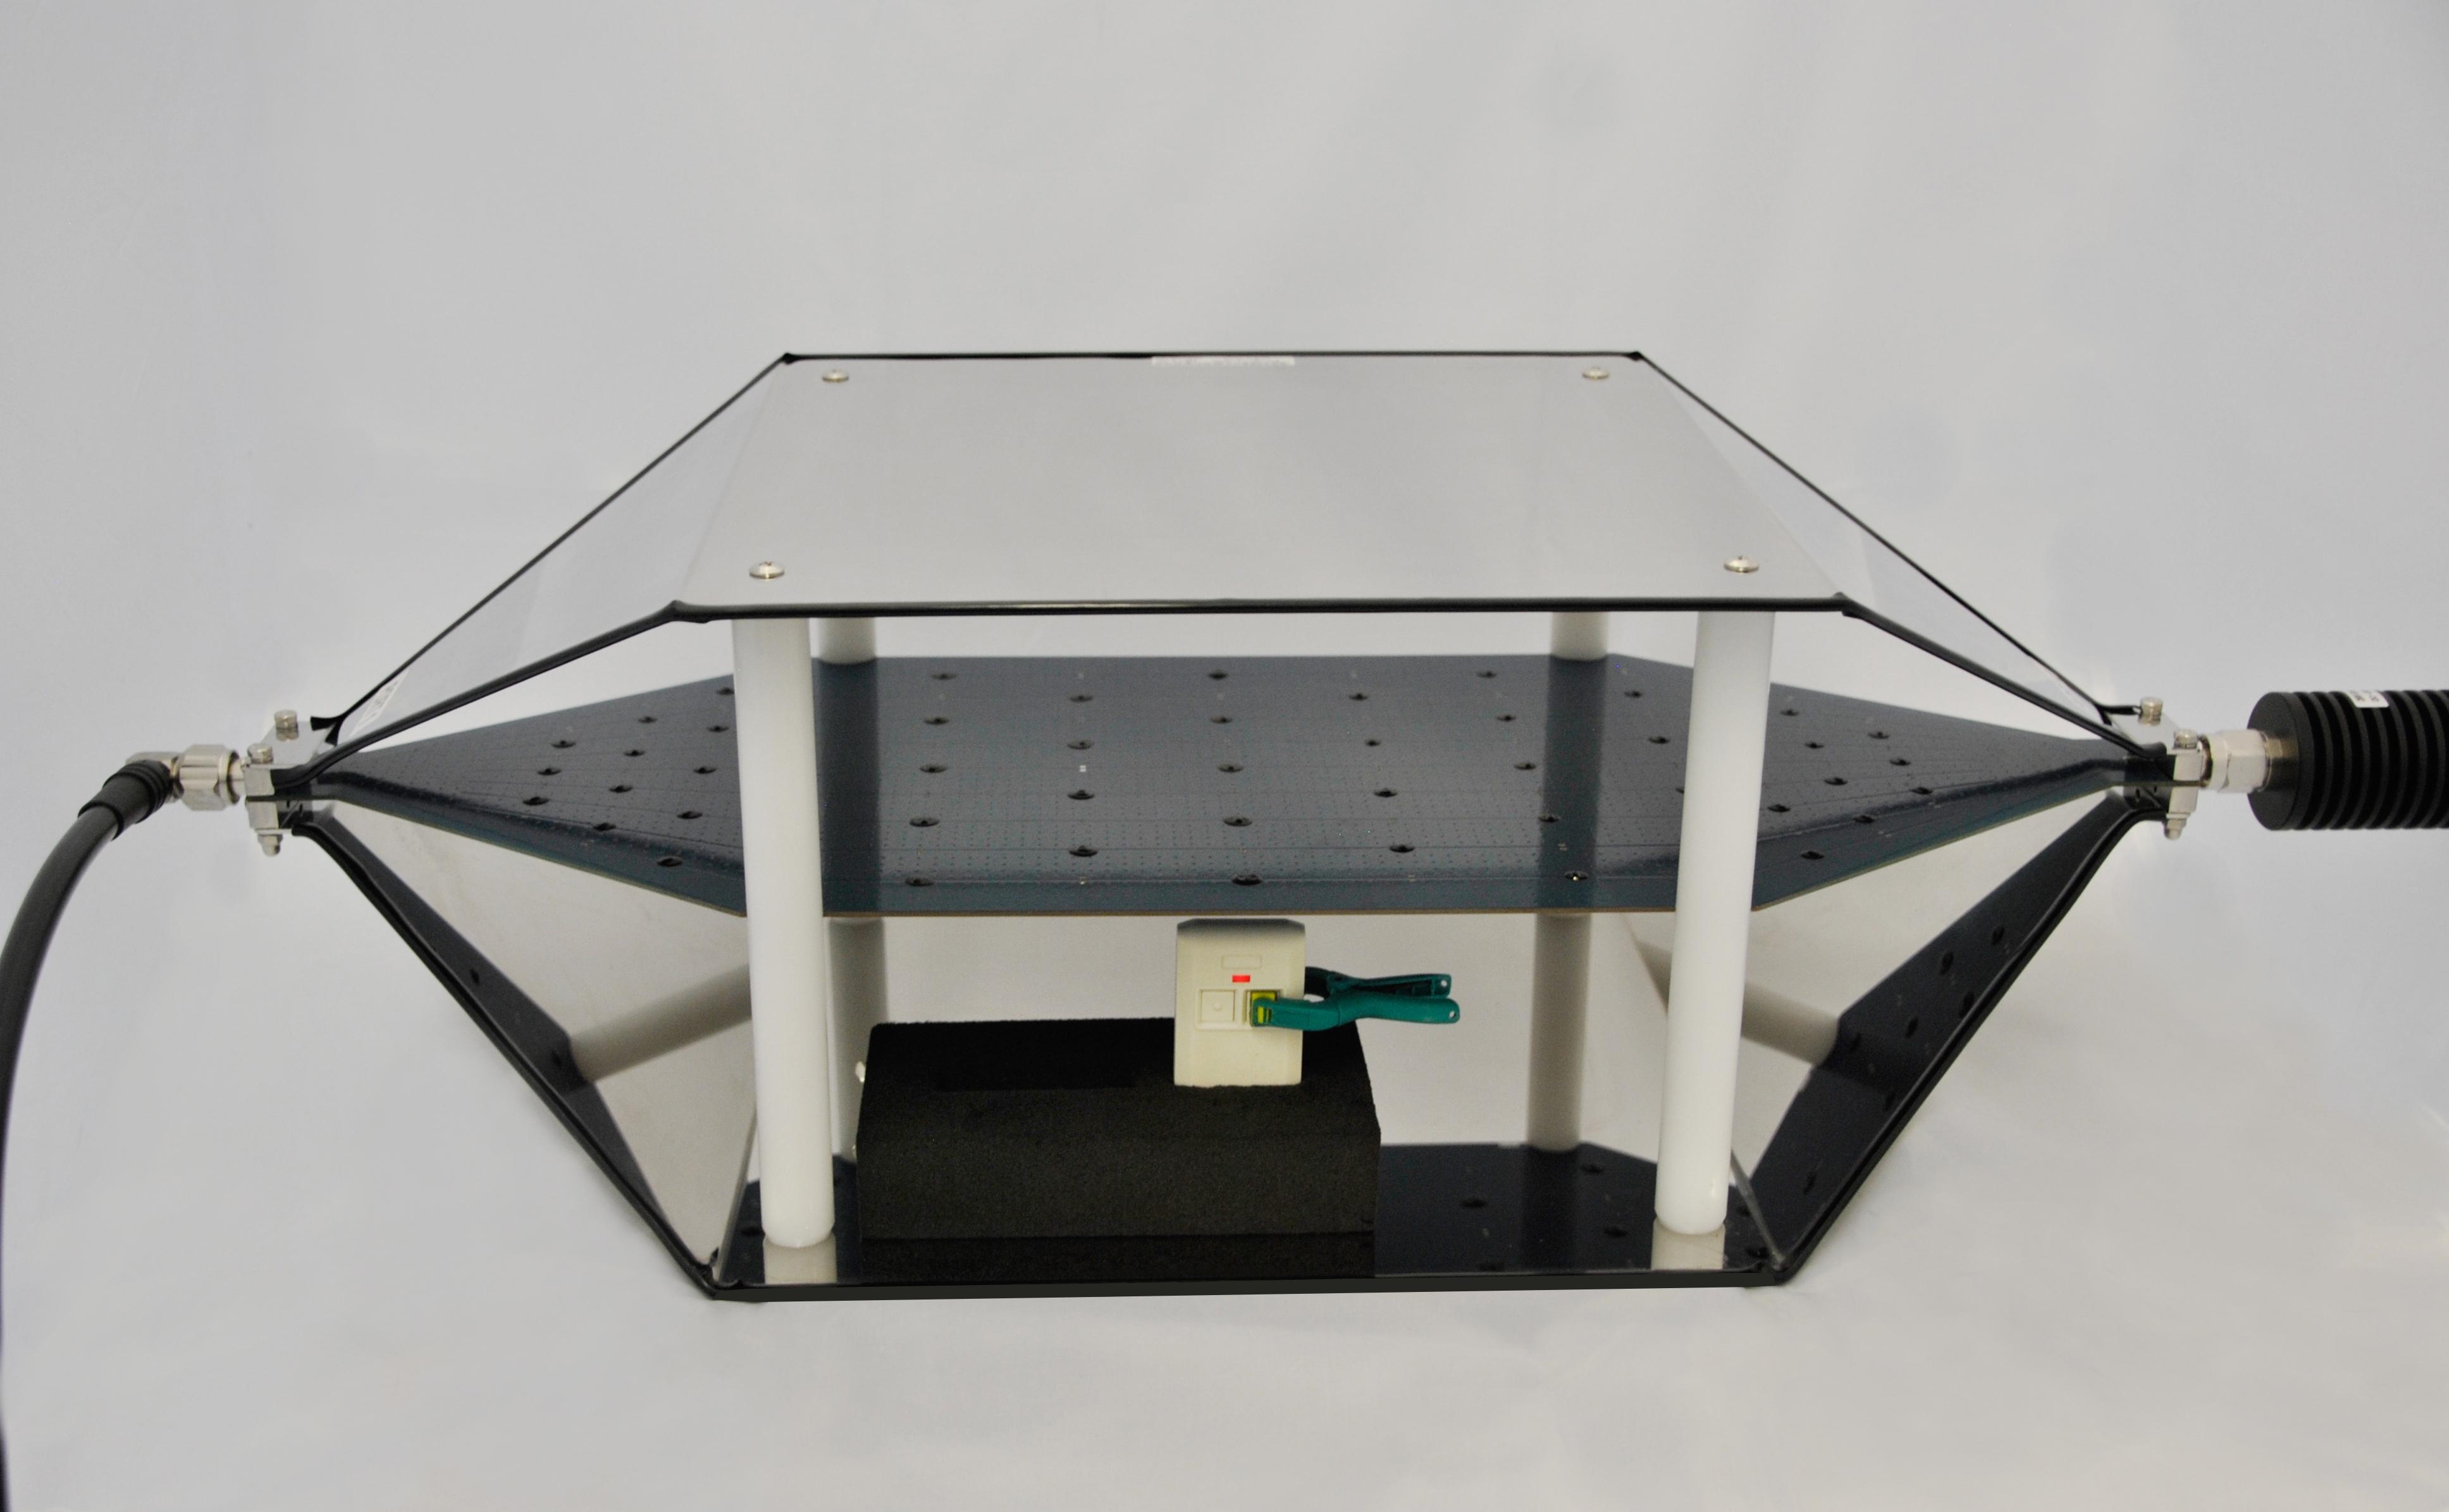 TEM-Zelle um gestrahlte Messungen durchzuführen, z. B. bei einem Funkhandsender.